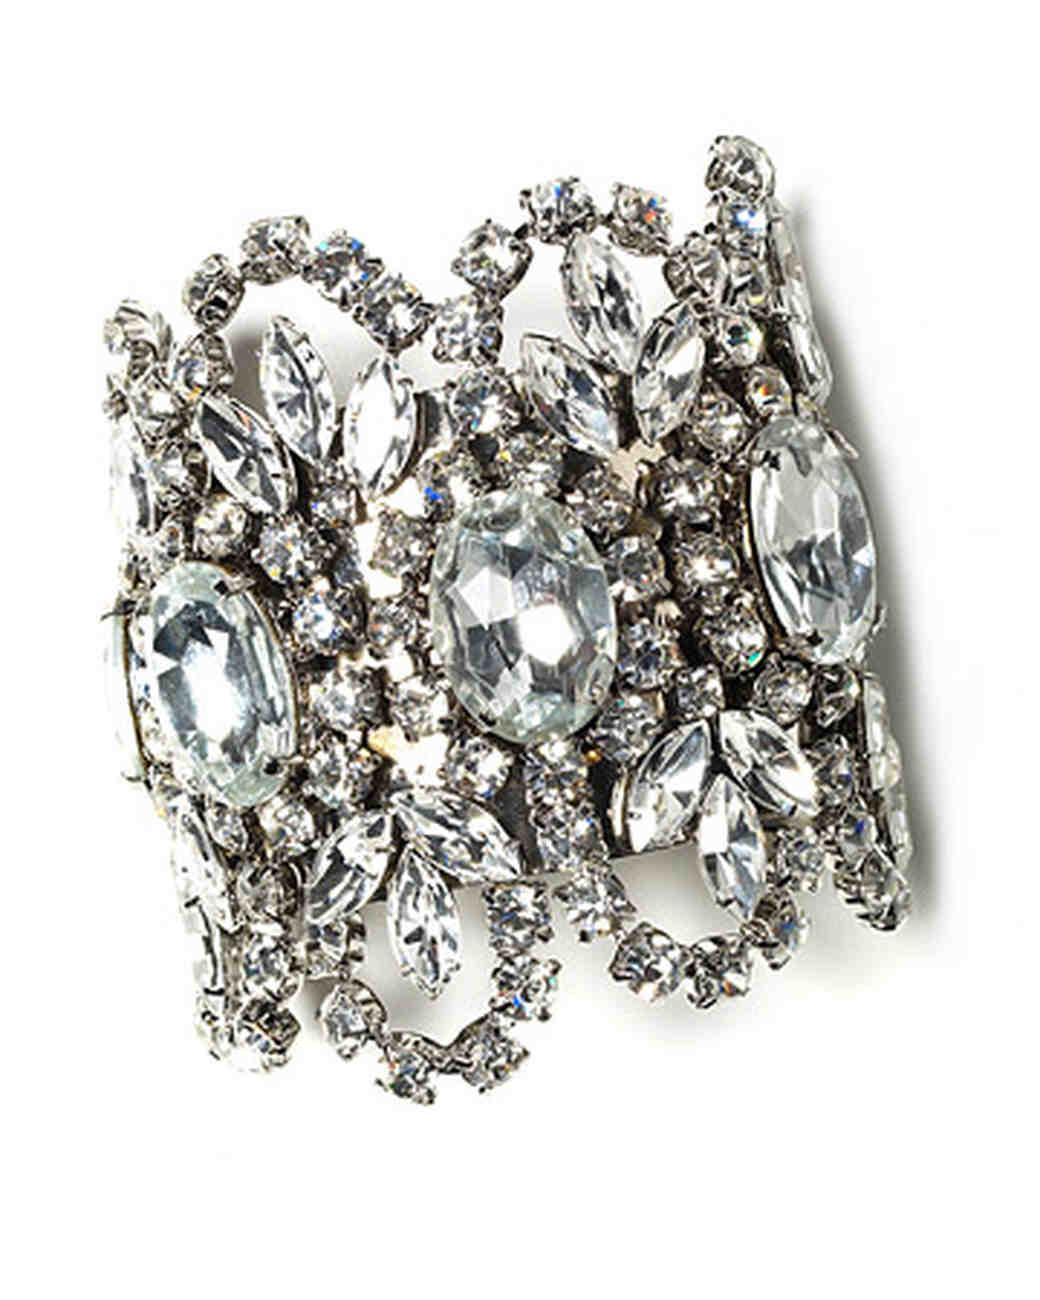 wd104606_spr09_jewelry47.jpg